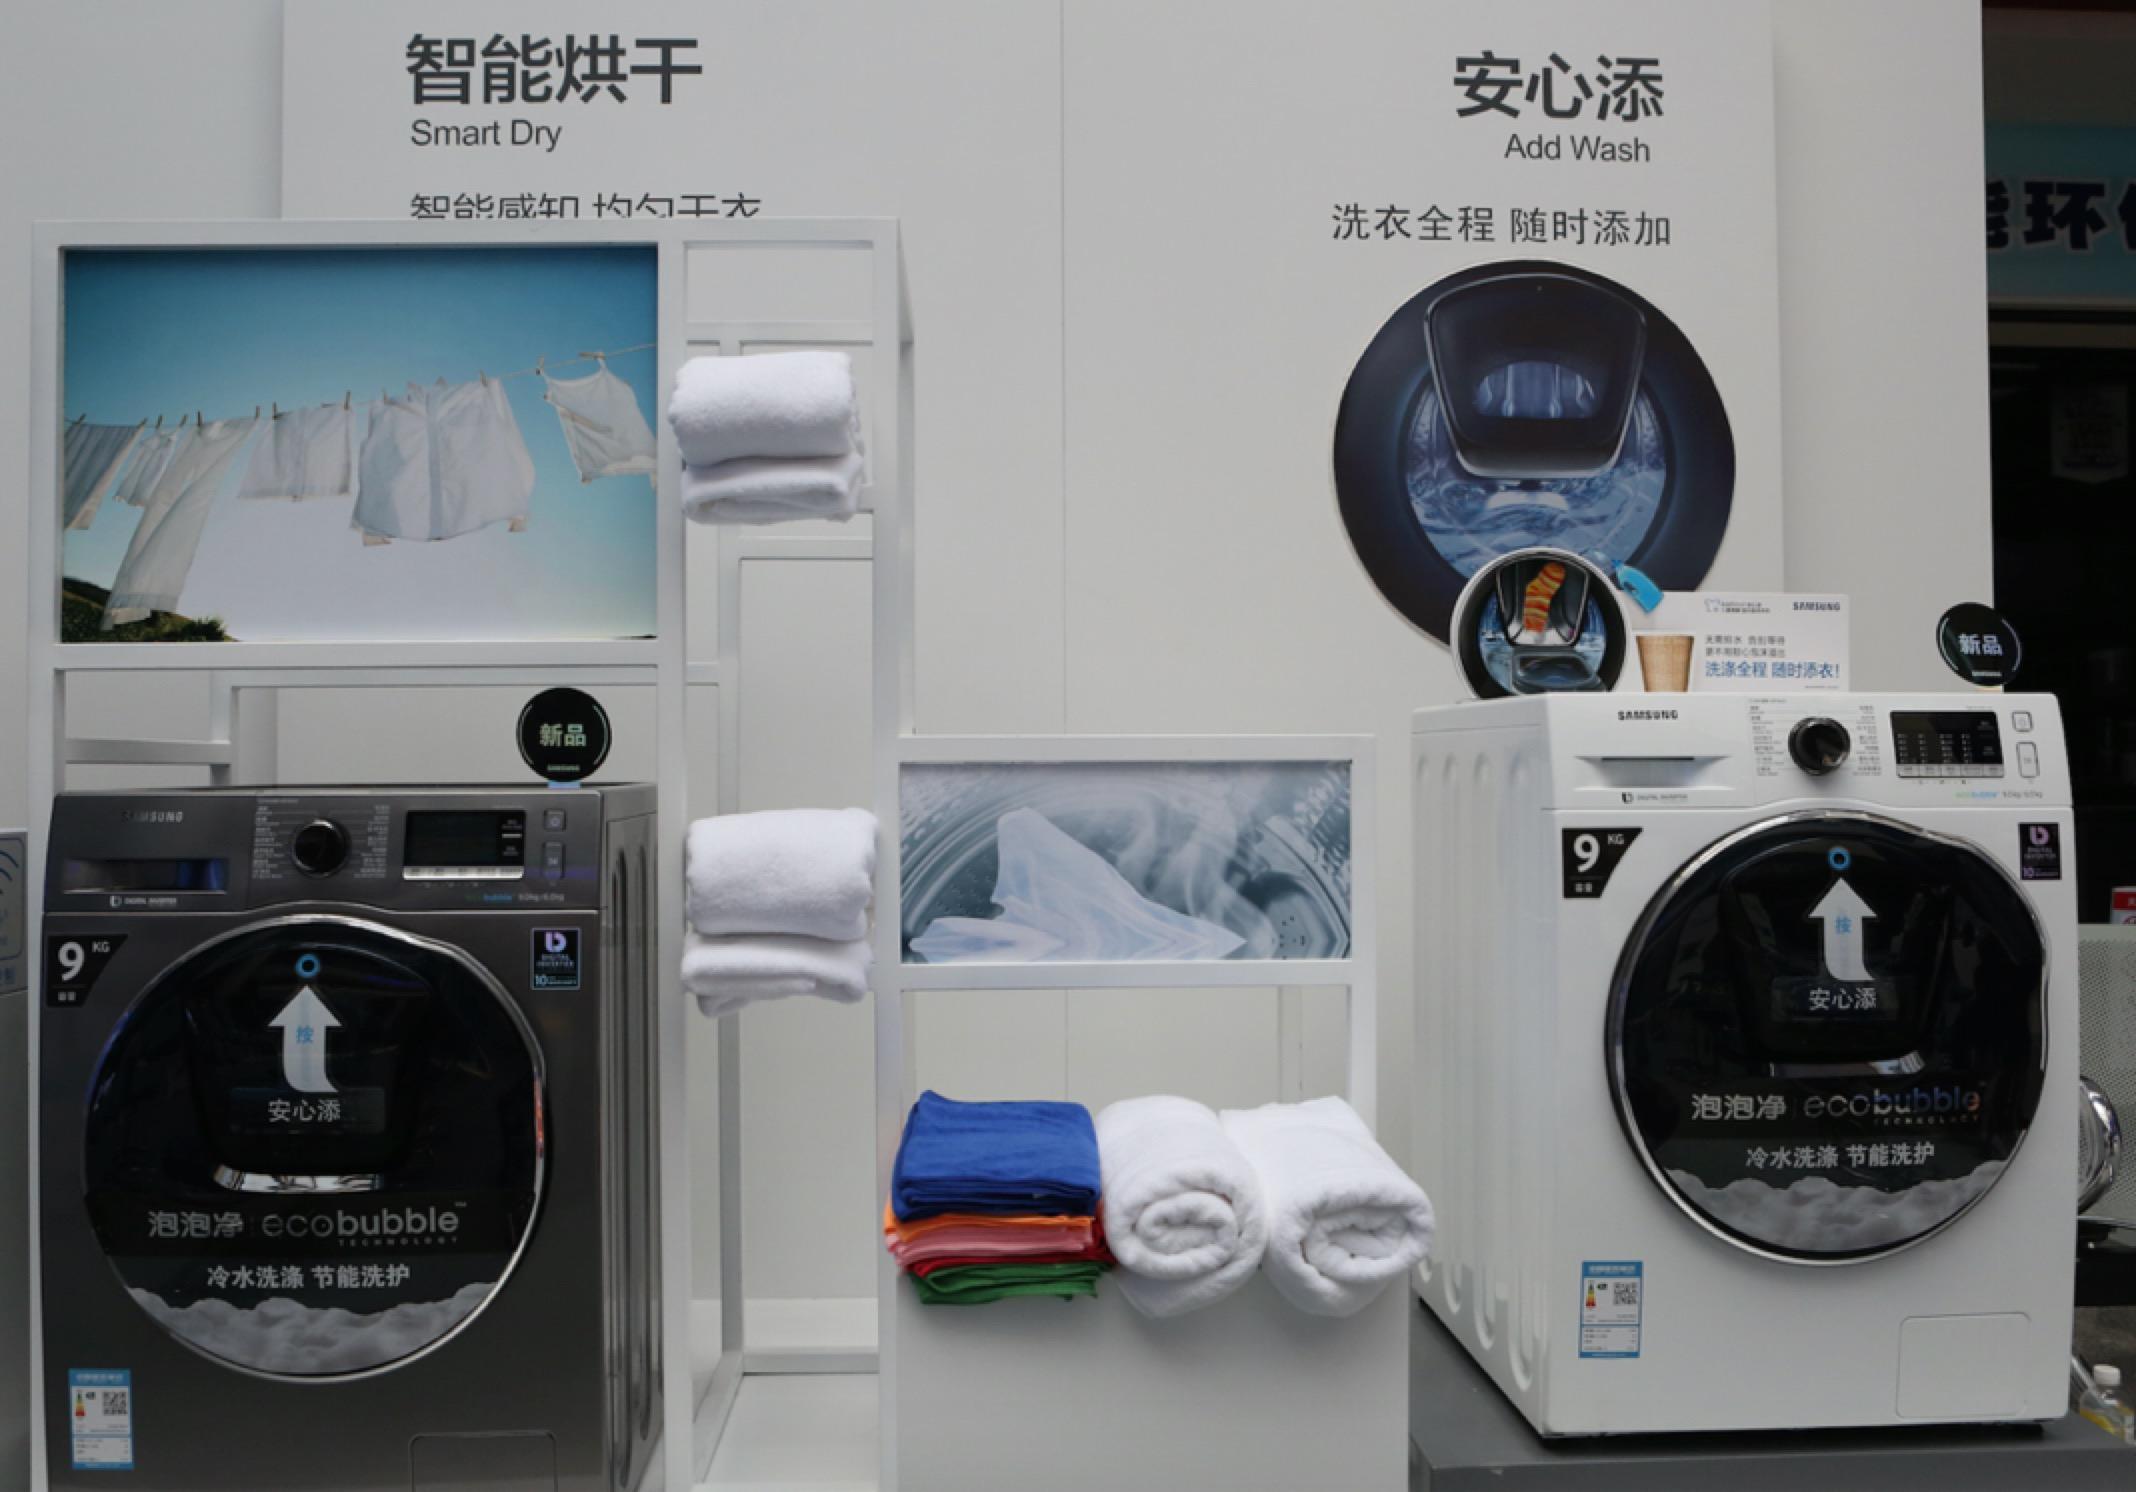 冰洗家电需求细分,品质和细节成为竞争焦点